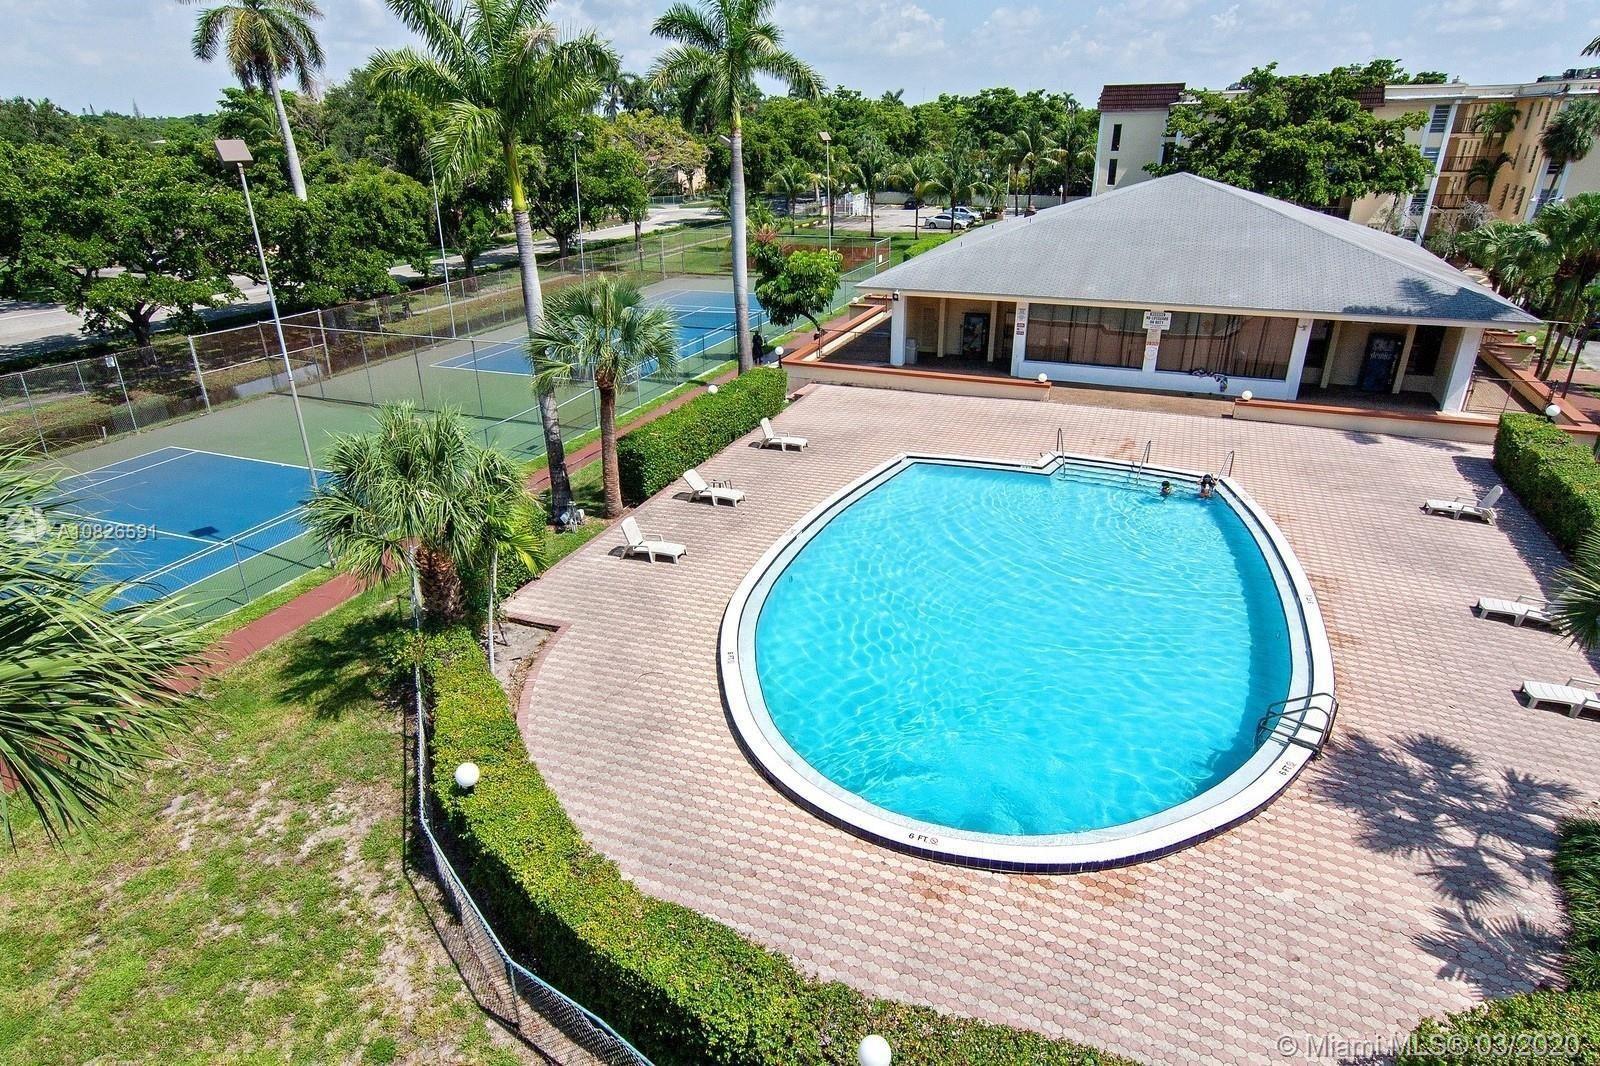 11905 NE 2nd Ave #C409, North Miami, FL 33161 - #: A10826591